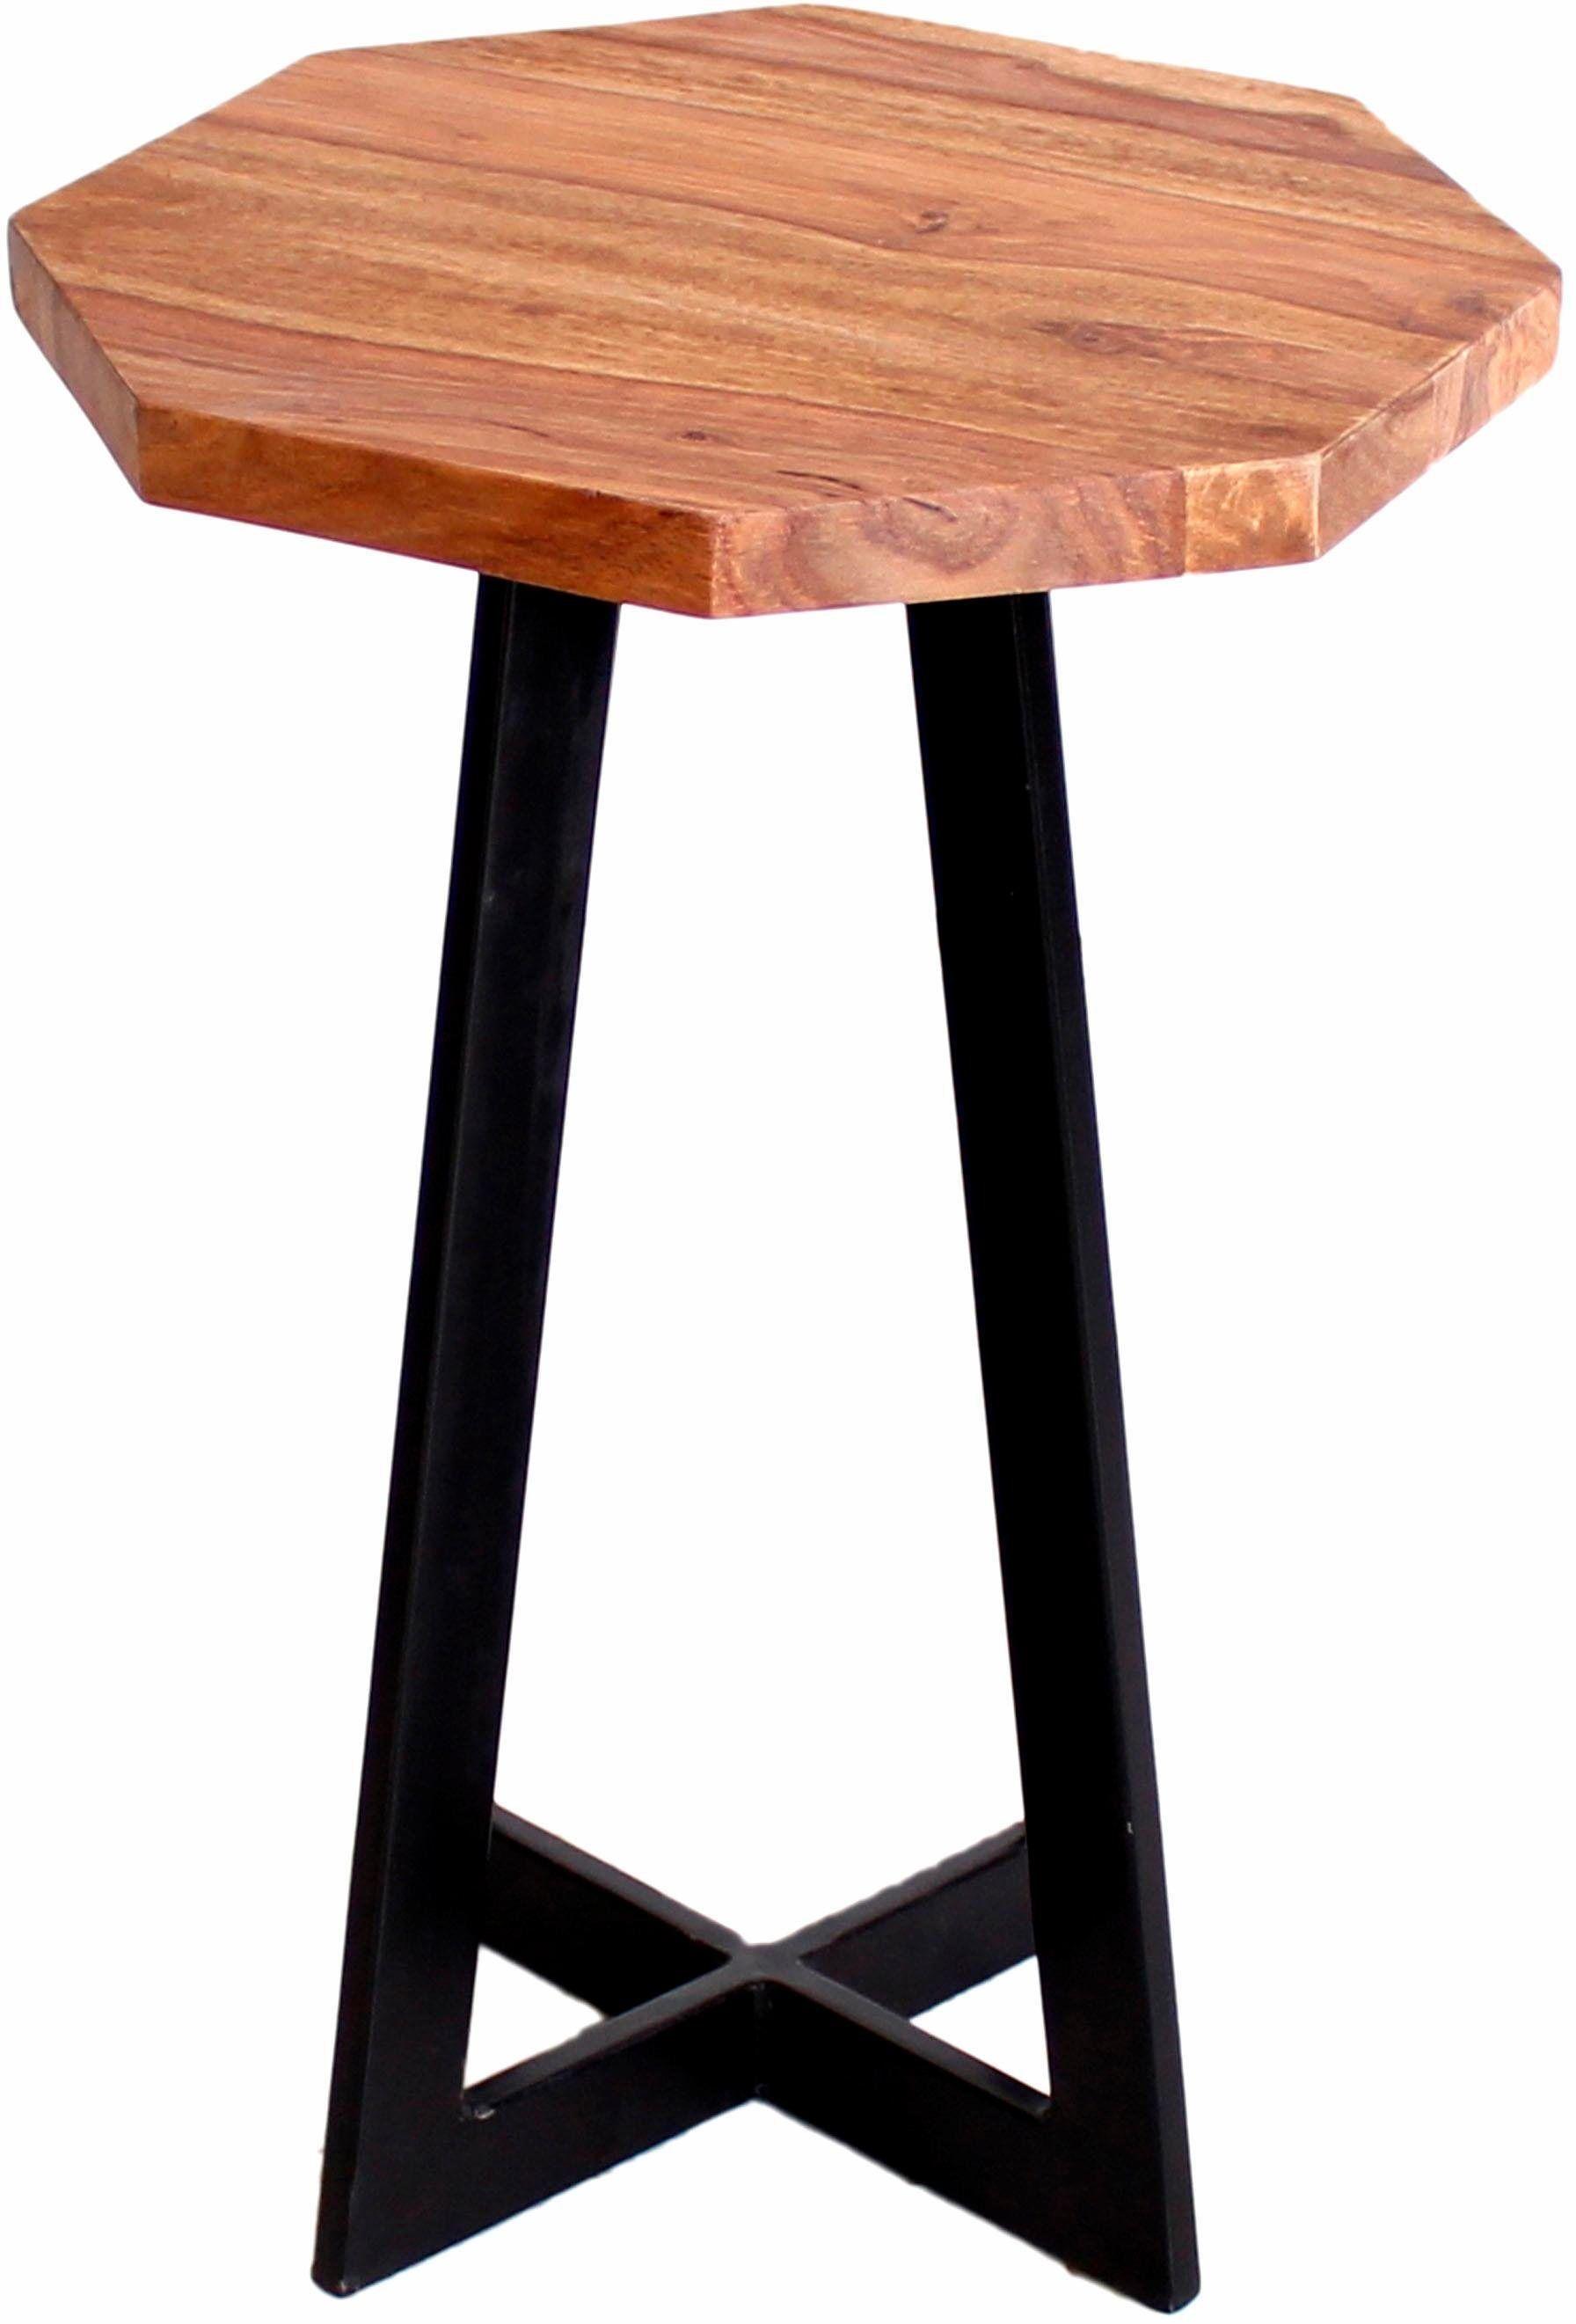 Sit Beistelltisch Panama 8 Eckig Jetzt Bestellen Unter Https Moebel Ladendirekt De Wohnzimmer Tische Beistelltische U Beistelltische Tisch Beistelltisch